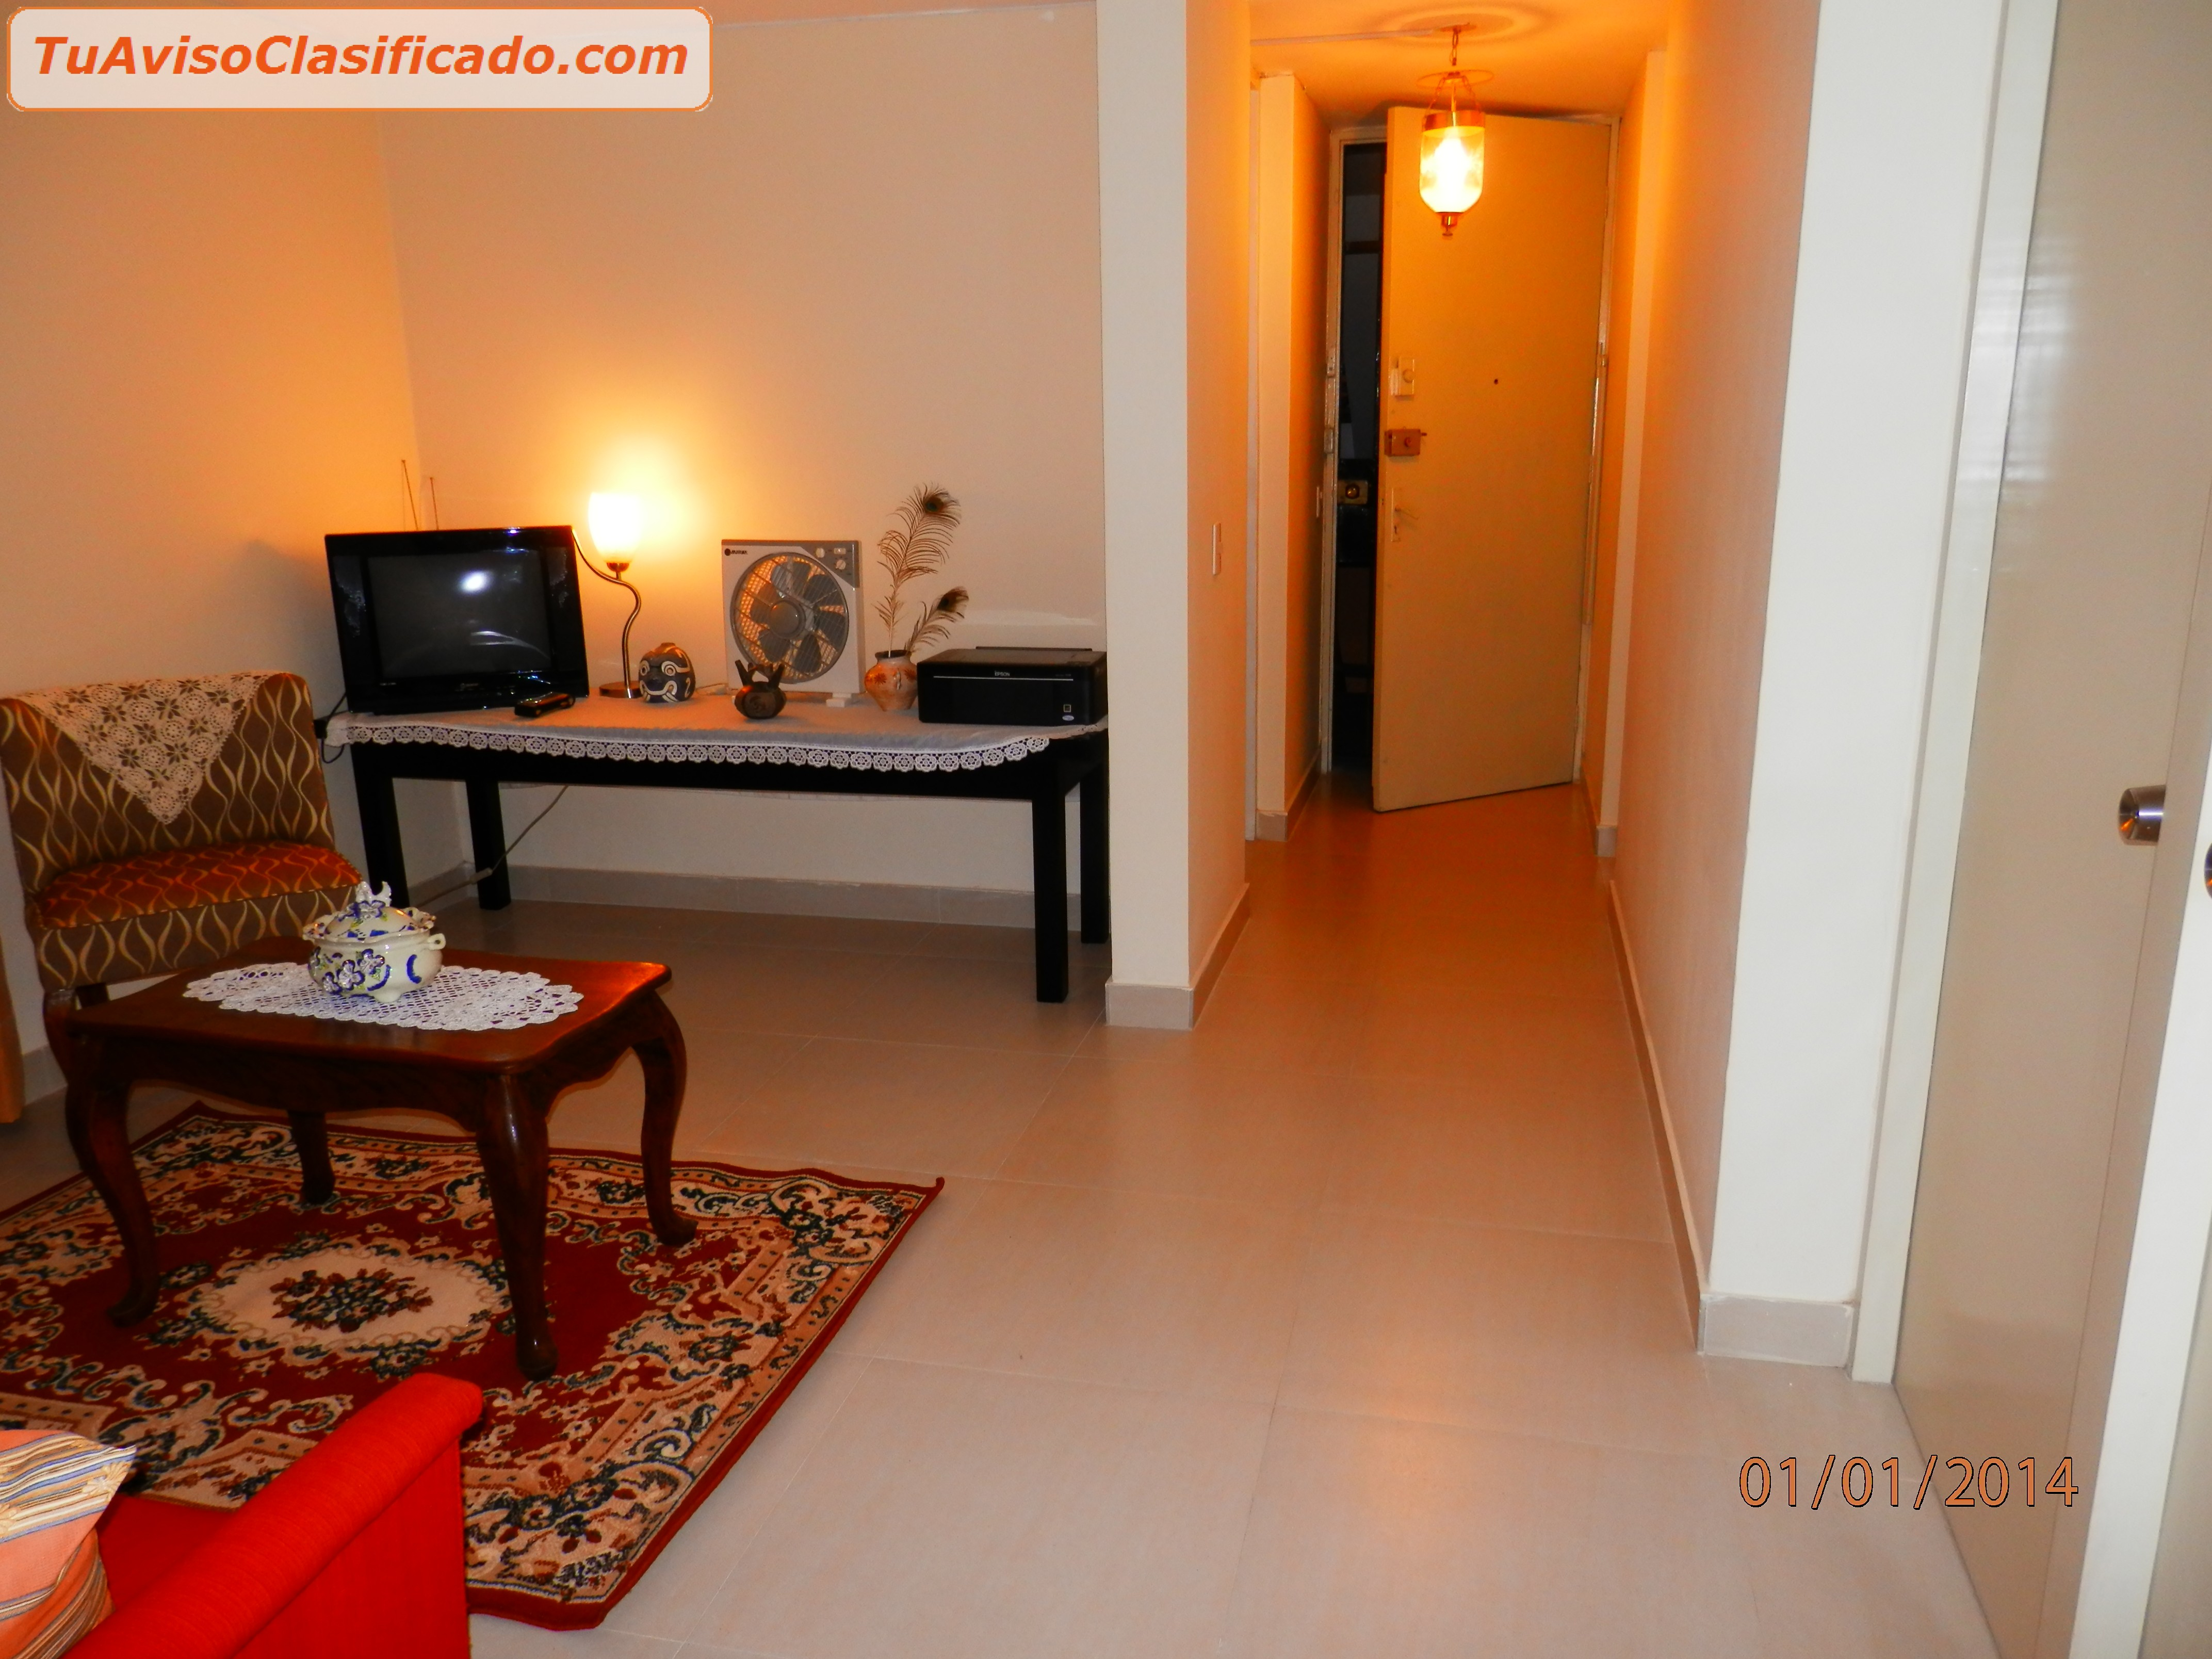 alquiler de habitaciones compartidas viajes hoteles y